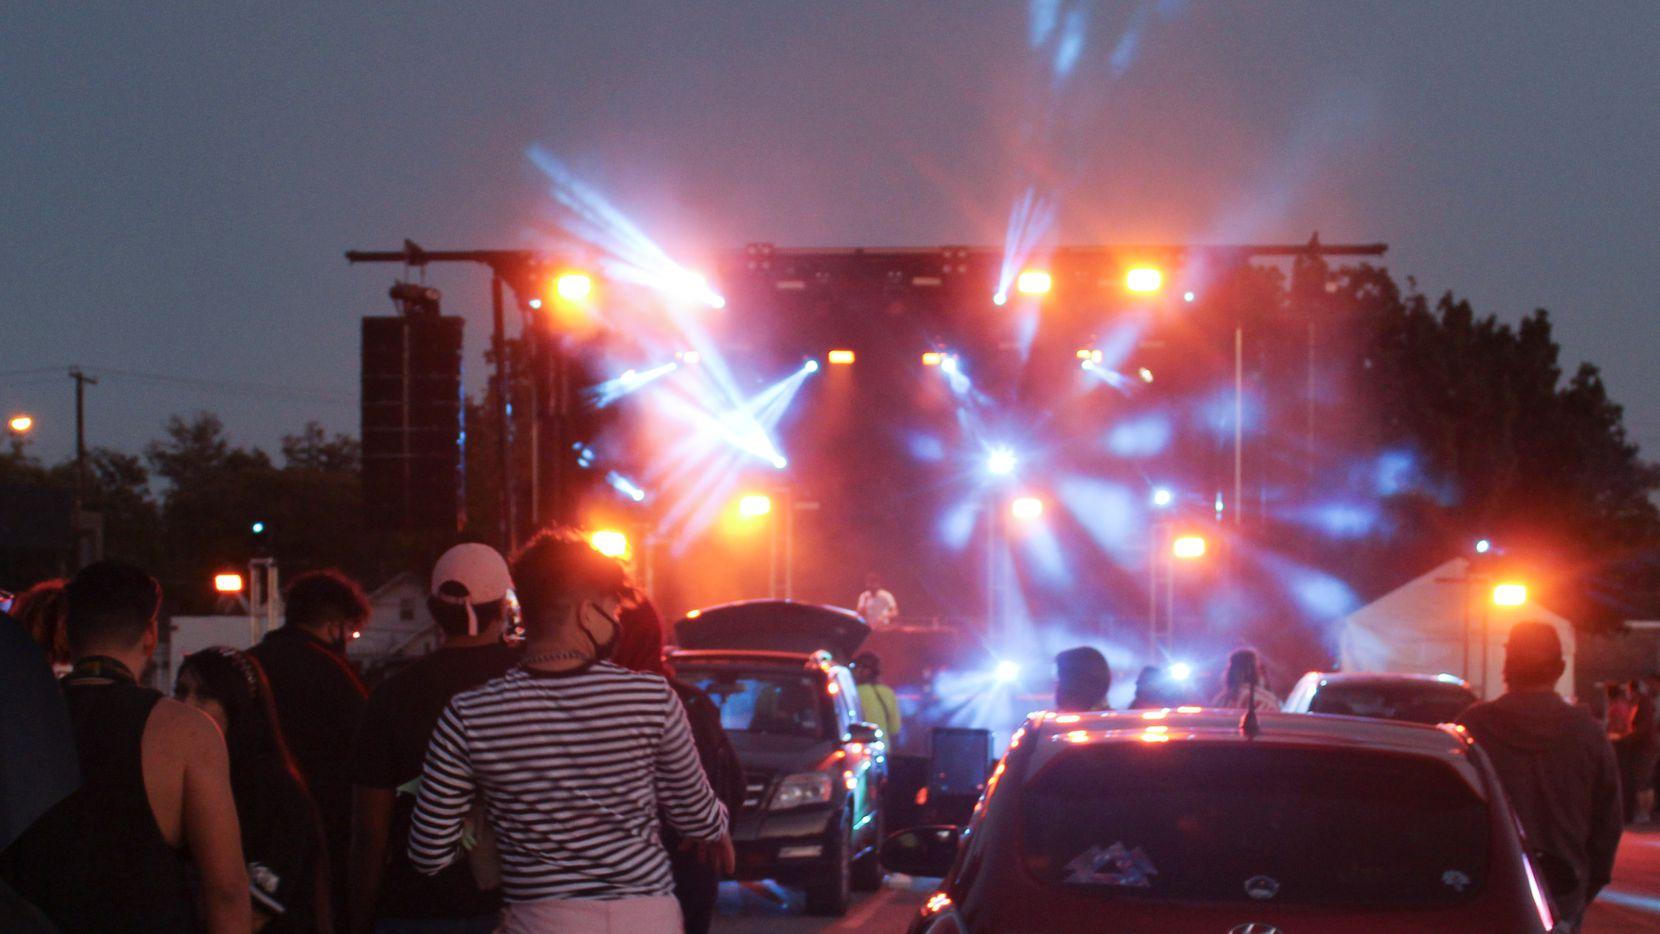 Onstage Systems organizó conciertos tipo drive-in en Fair Park durante la pandemia y la idea tuvo un efecto multiplicador ya que ayudó a otros a generar o mantener empleos.